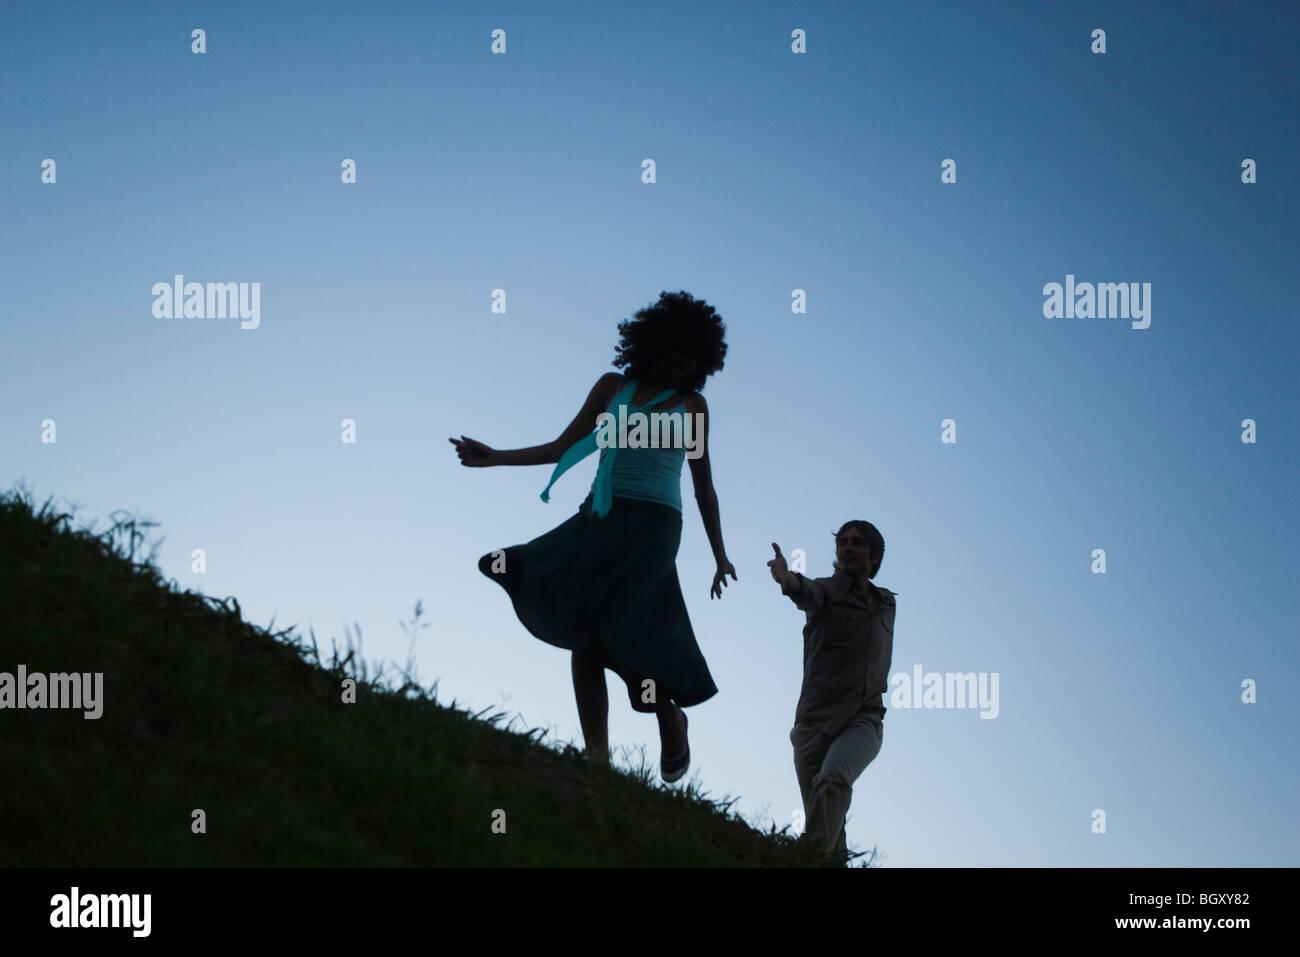 Jeune femme jouant courir loin de l'homme dans la poursuite Banque D'Images